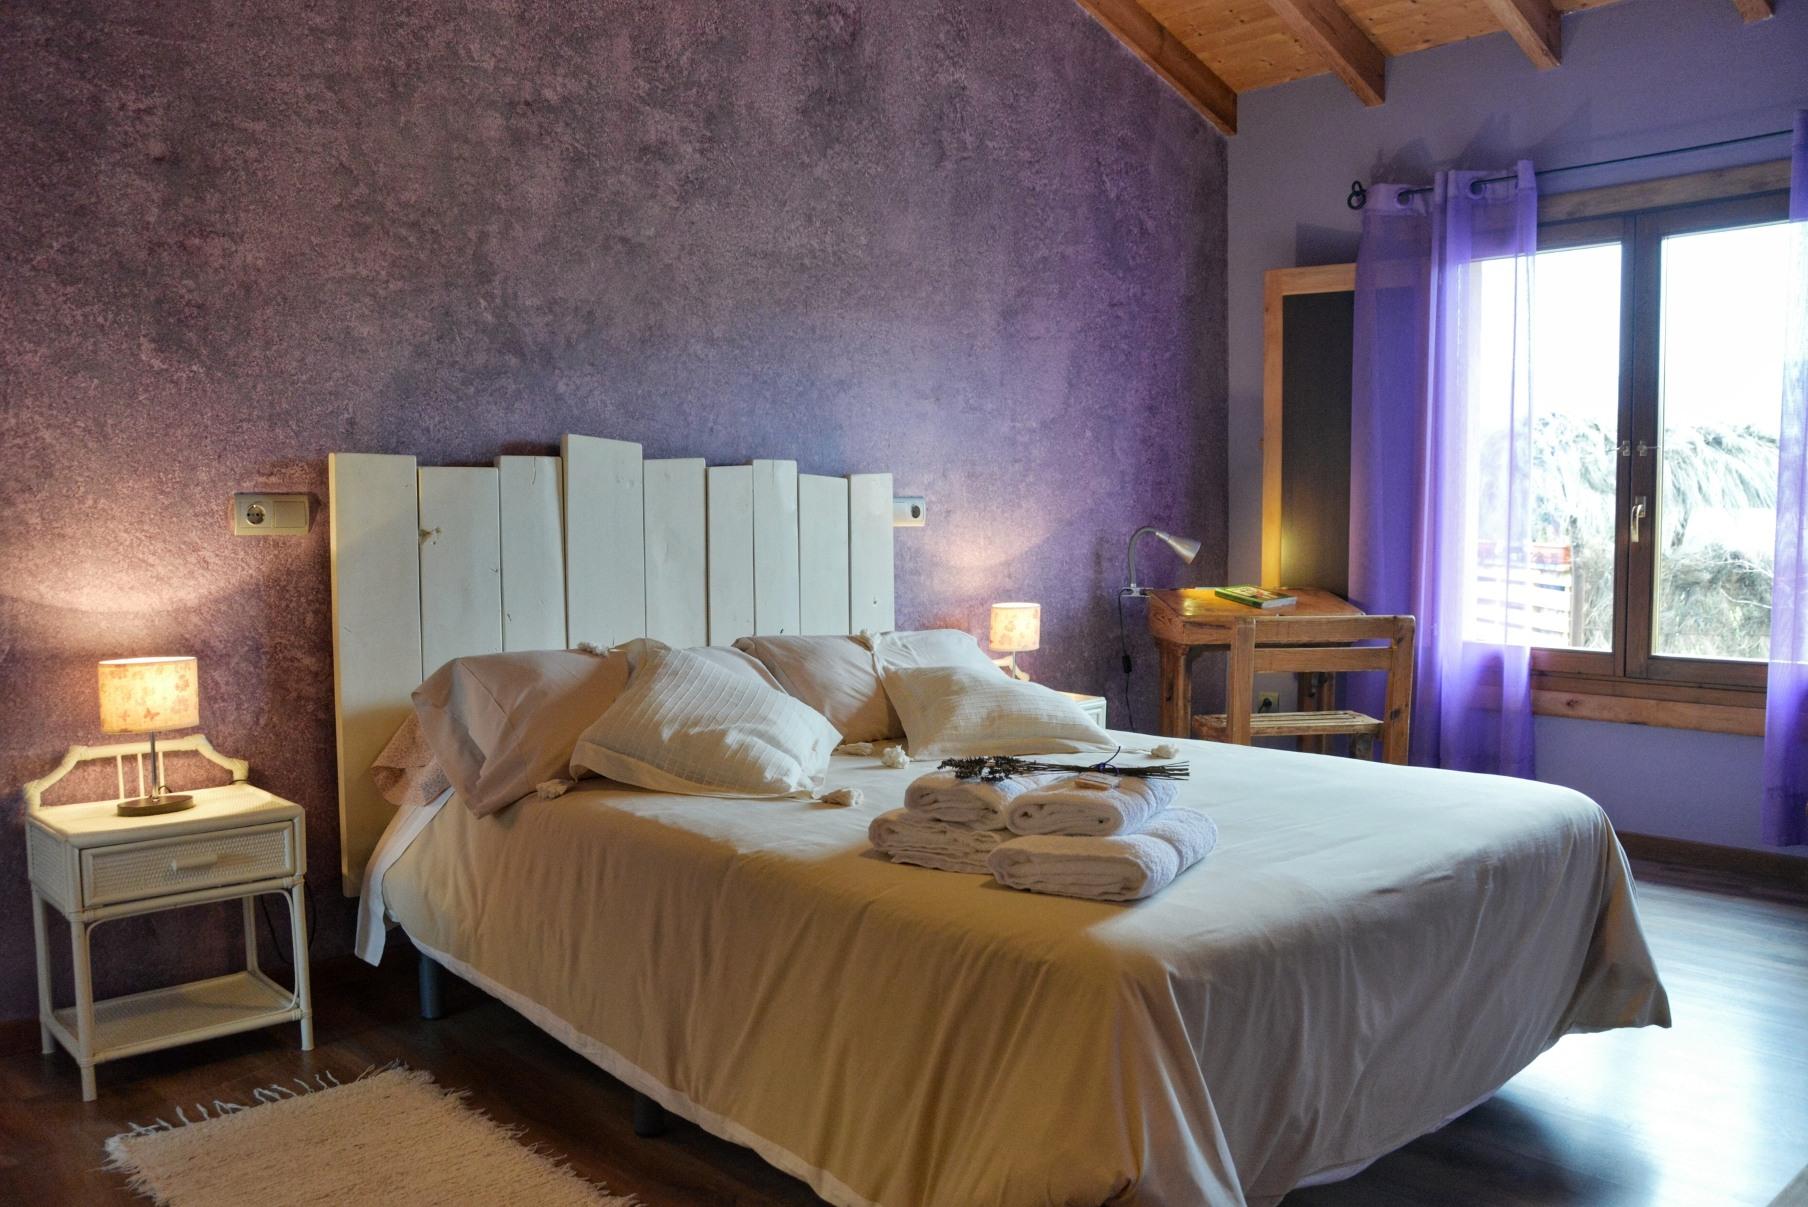 Casa rural La Magia - El Mayulon - Amplia y encantadora habitacion dormitorio